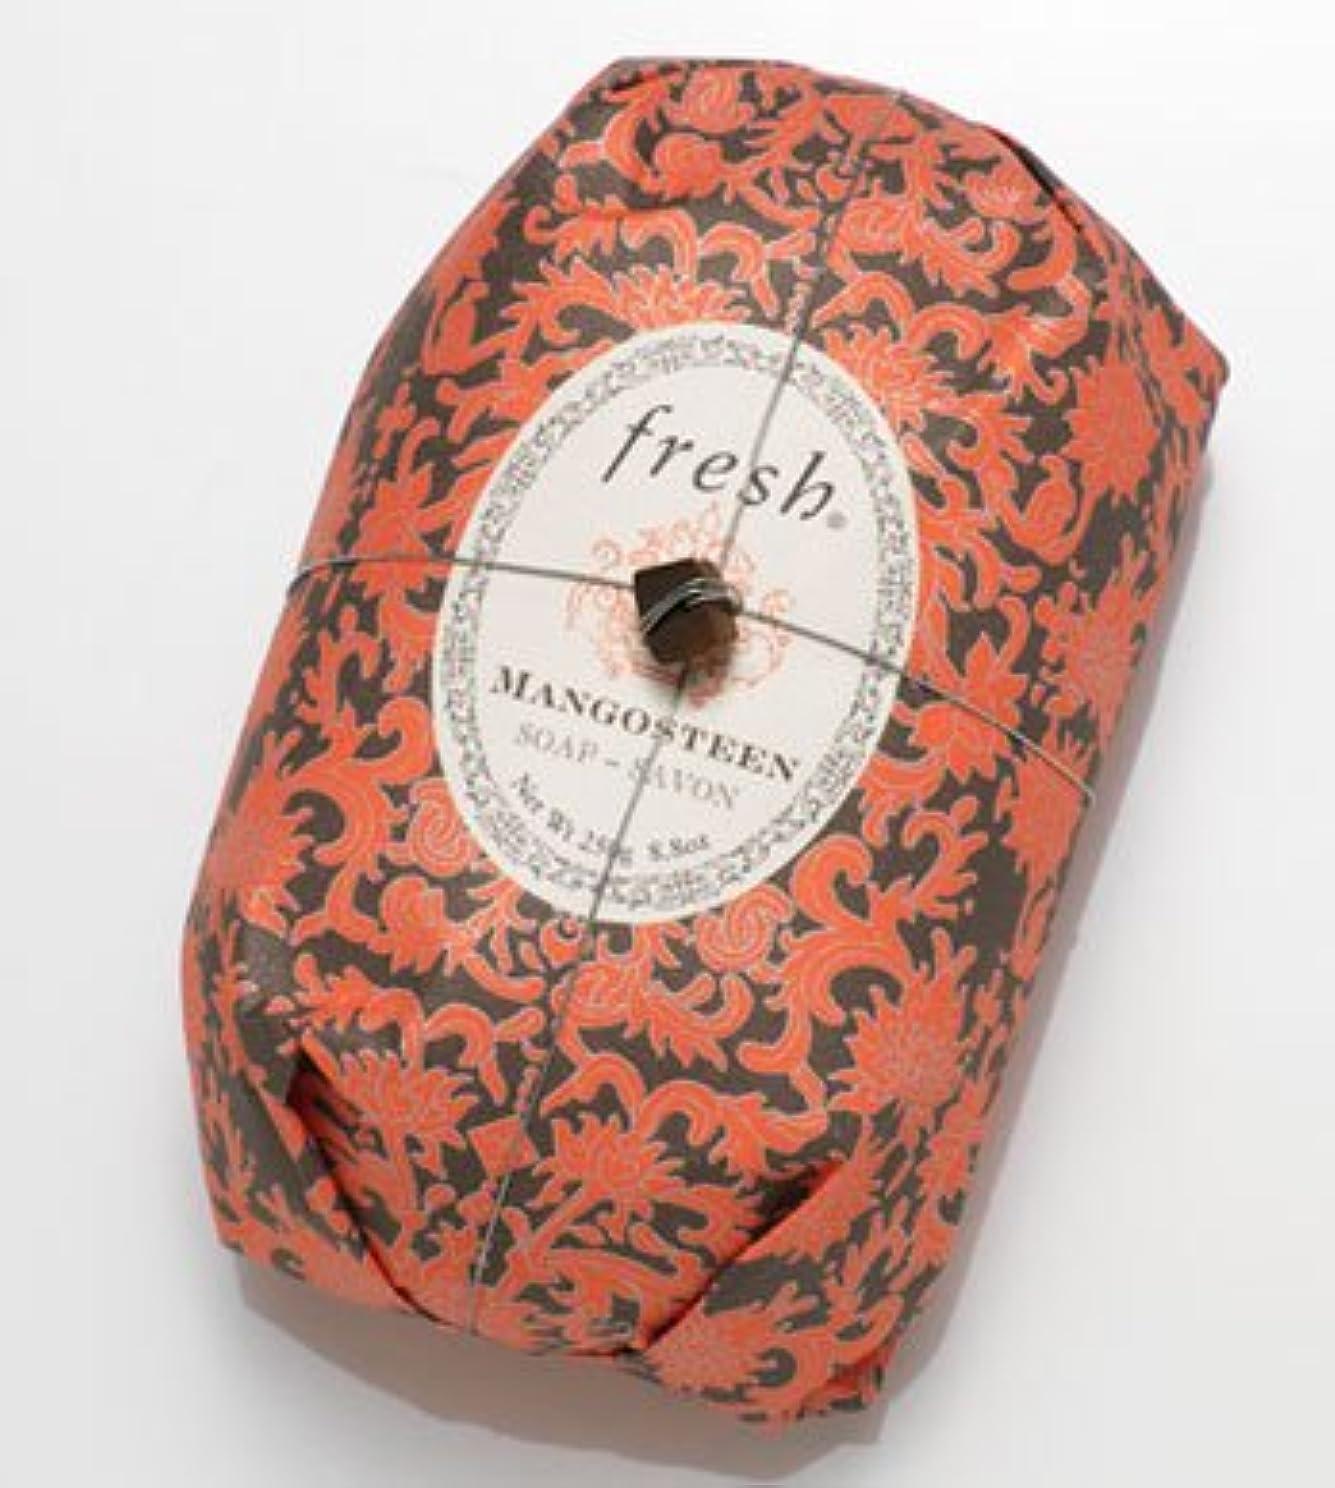 稚魚憲法に負けるFresh MANGOSTEEN SOAP (フレッシュ マンゴスチーン ソープ) 8.8 oz (250g) Soap (石鹸) by Fresh